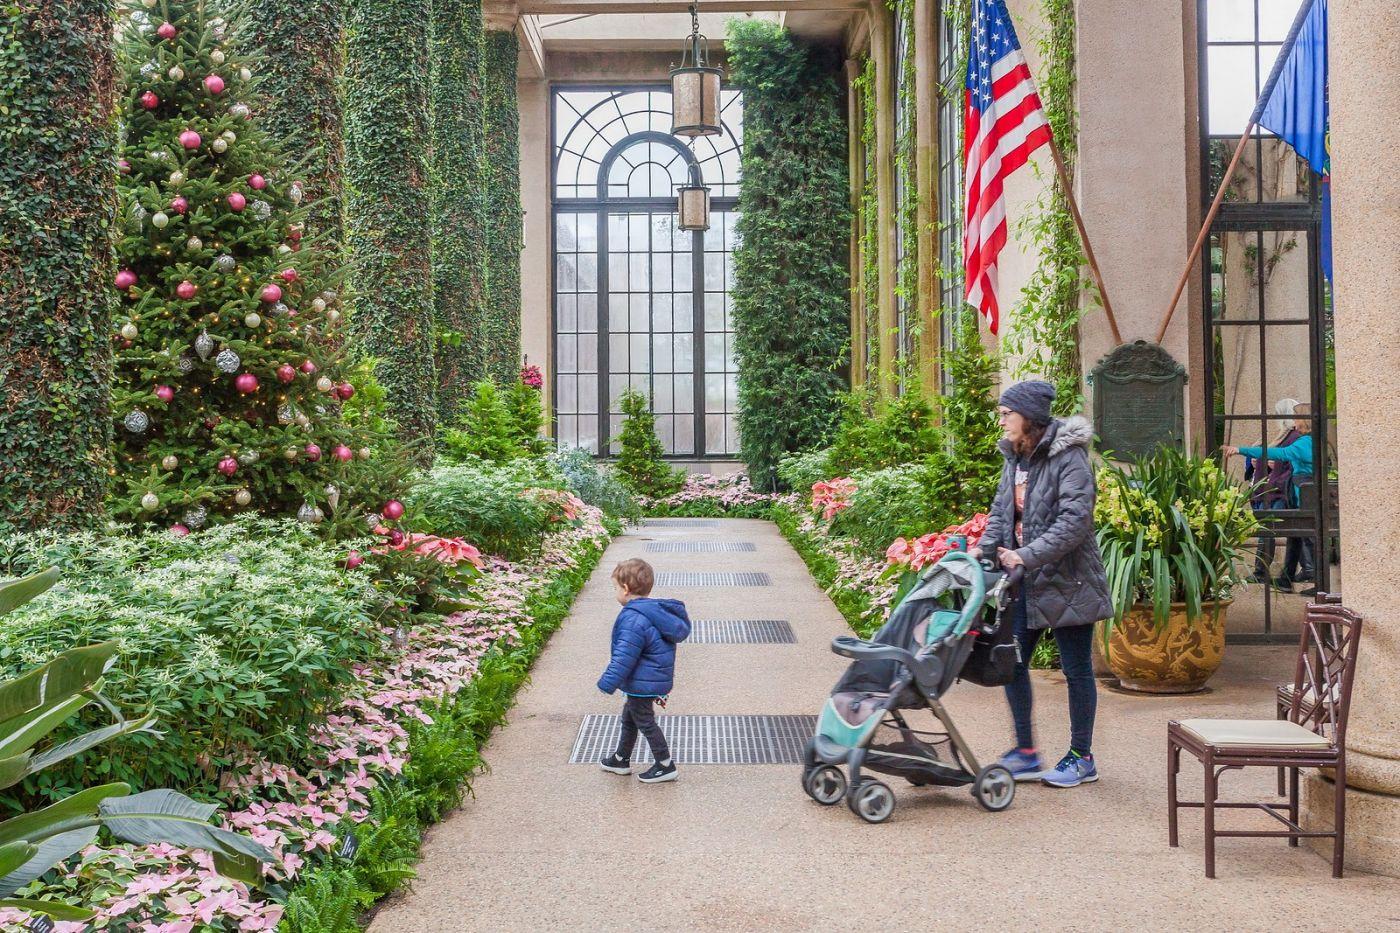 宾州长木公园,室内花园美如画_图1-28